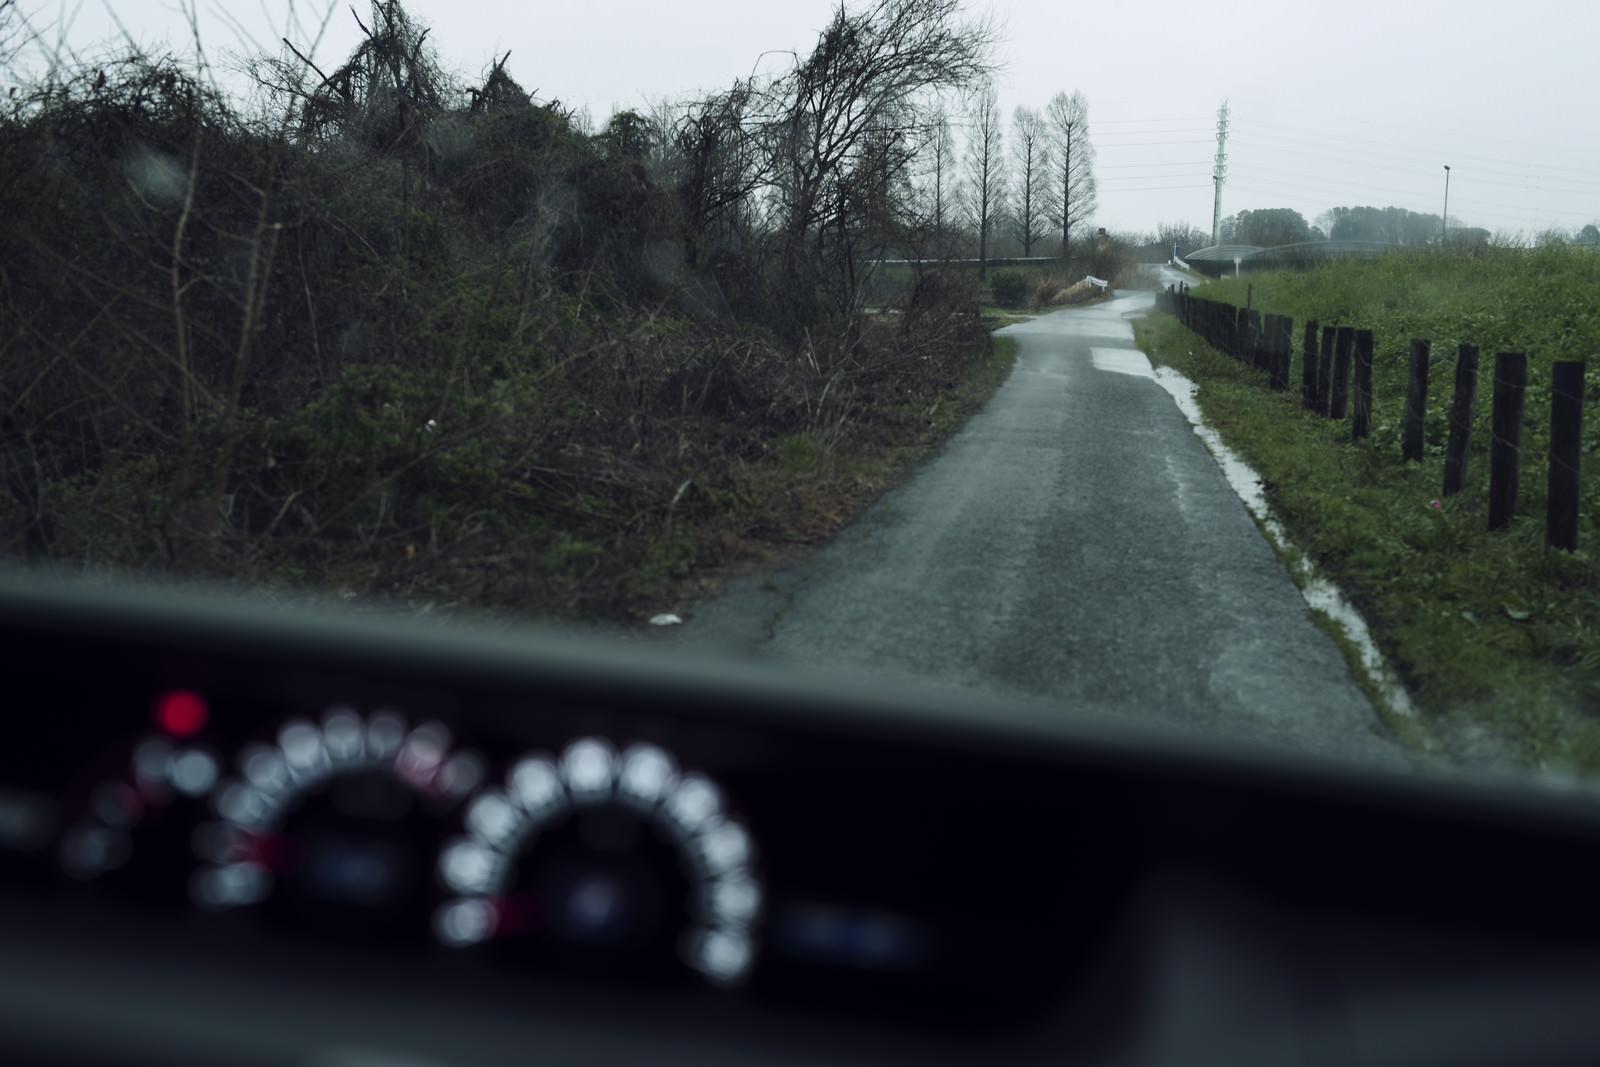 「雨の中の農道を走る車から見た景色」の写真